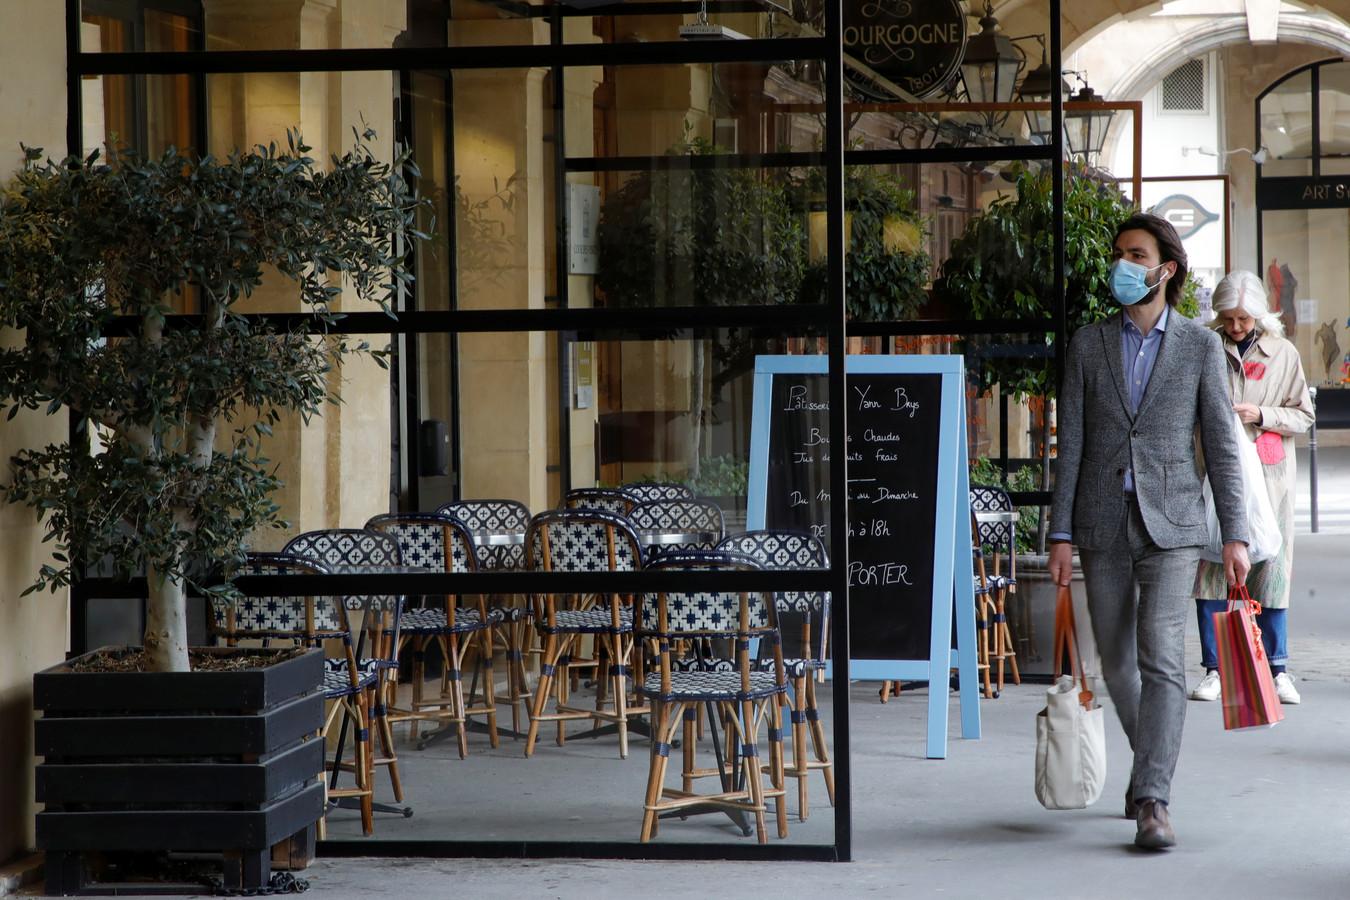 De restaurants in Parijs zijn nog steeds gesloten.